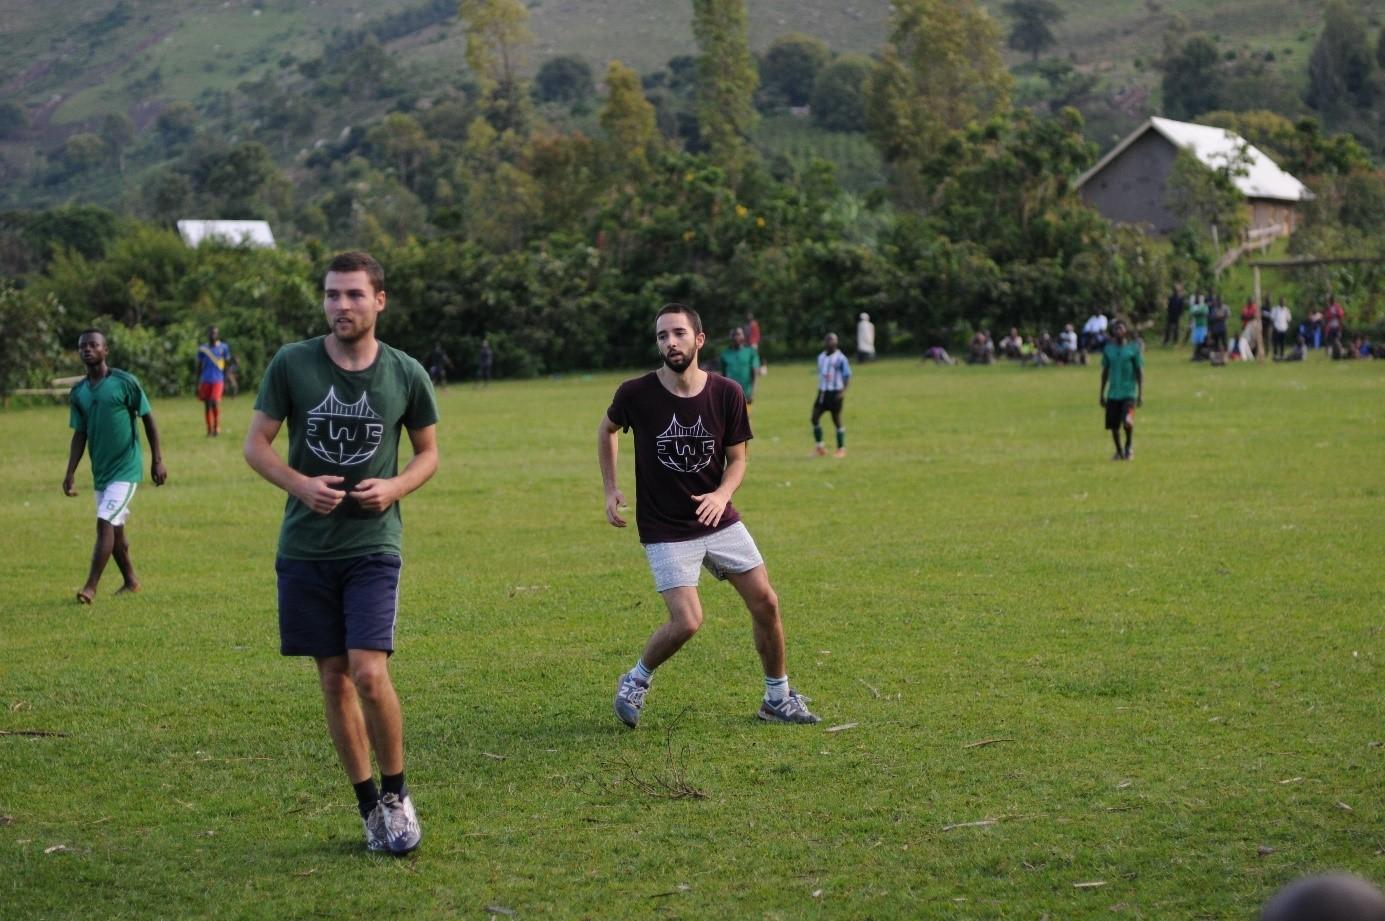 Beim Fußballspiel mit dem PROLASA Team